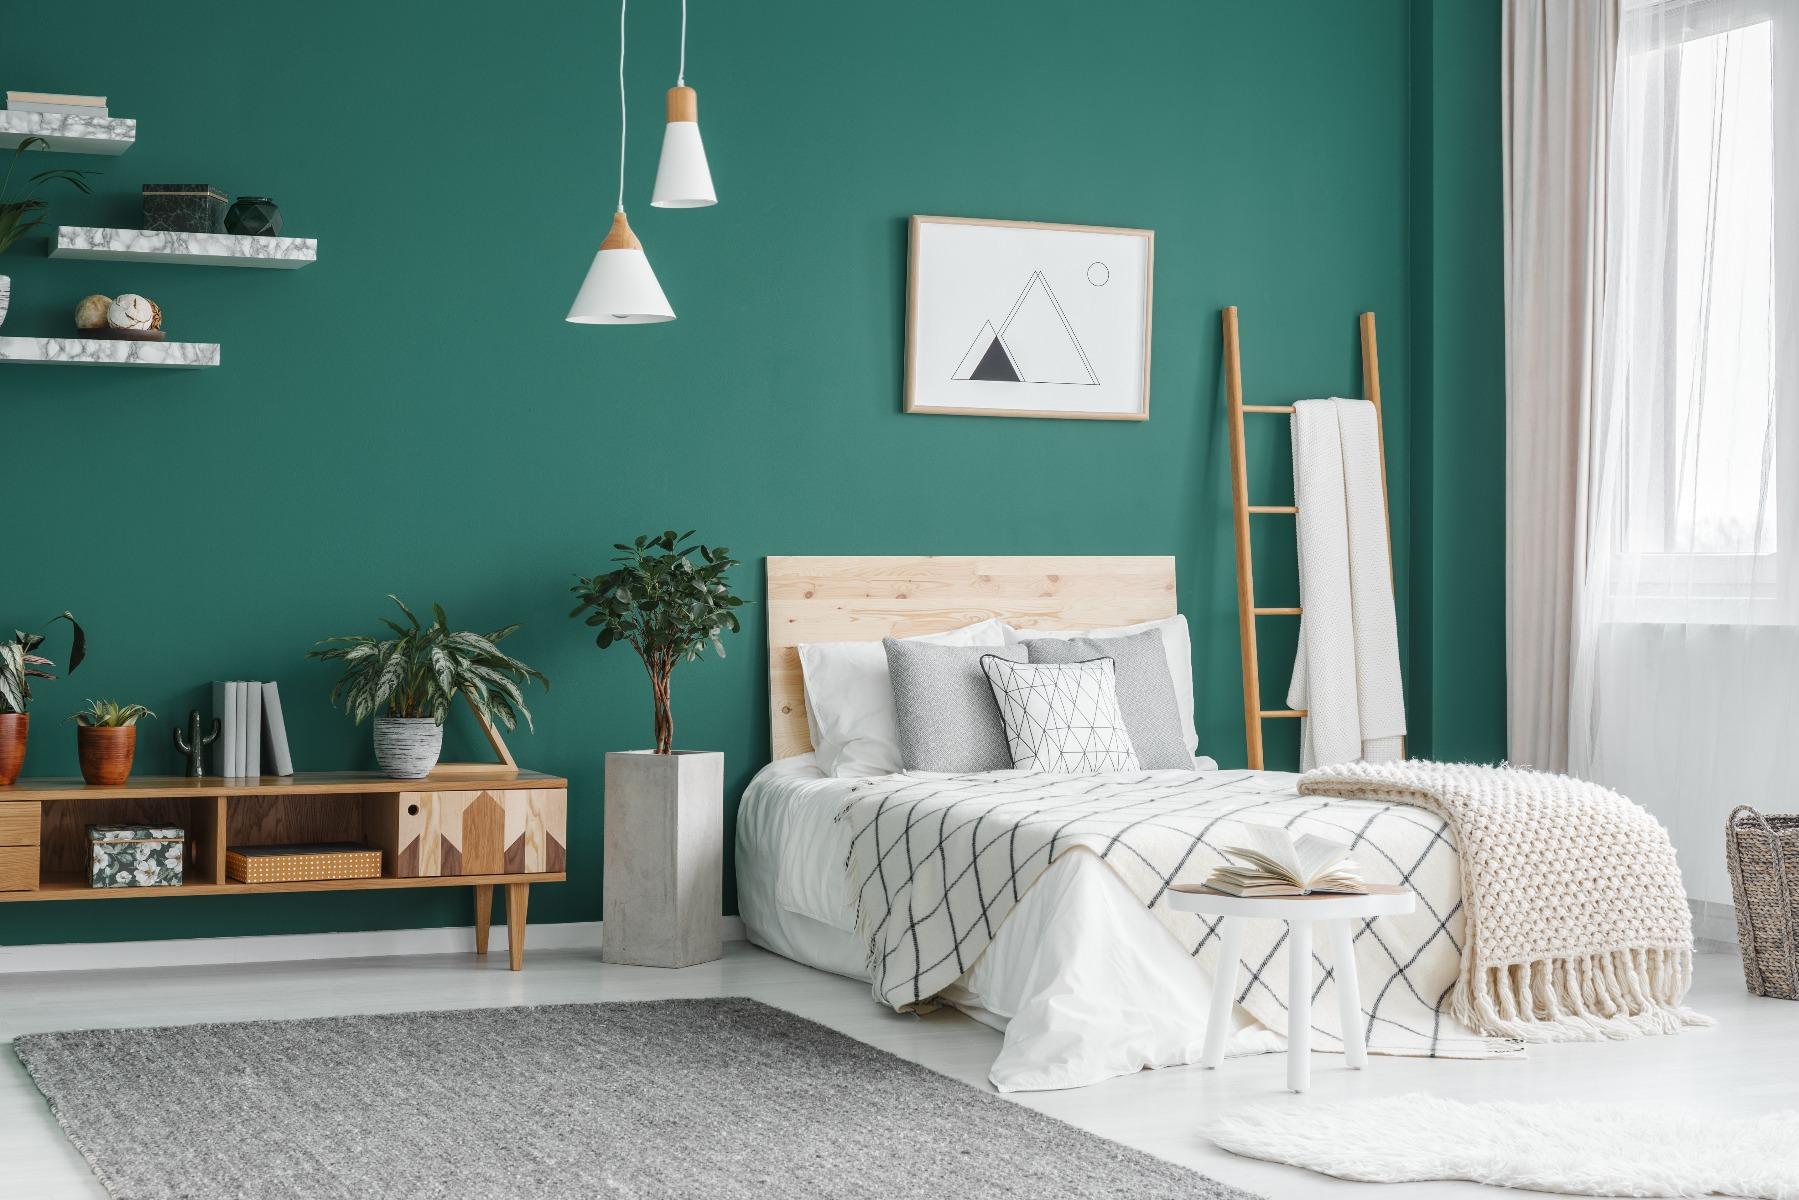 Das Bild zeigt eine Schlafzimmer Farbe.